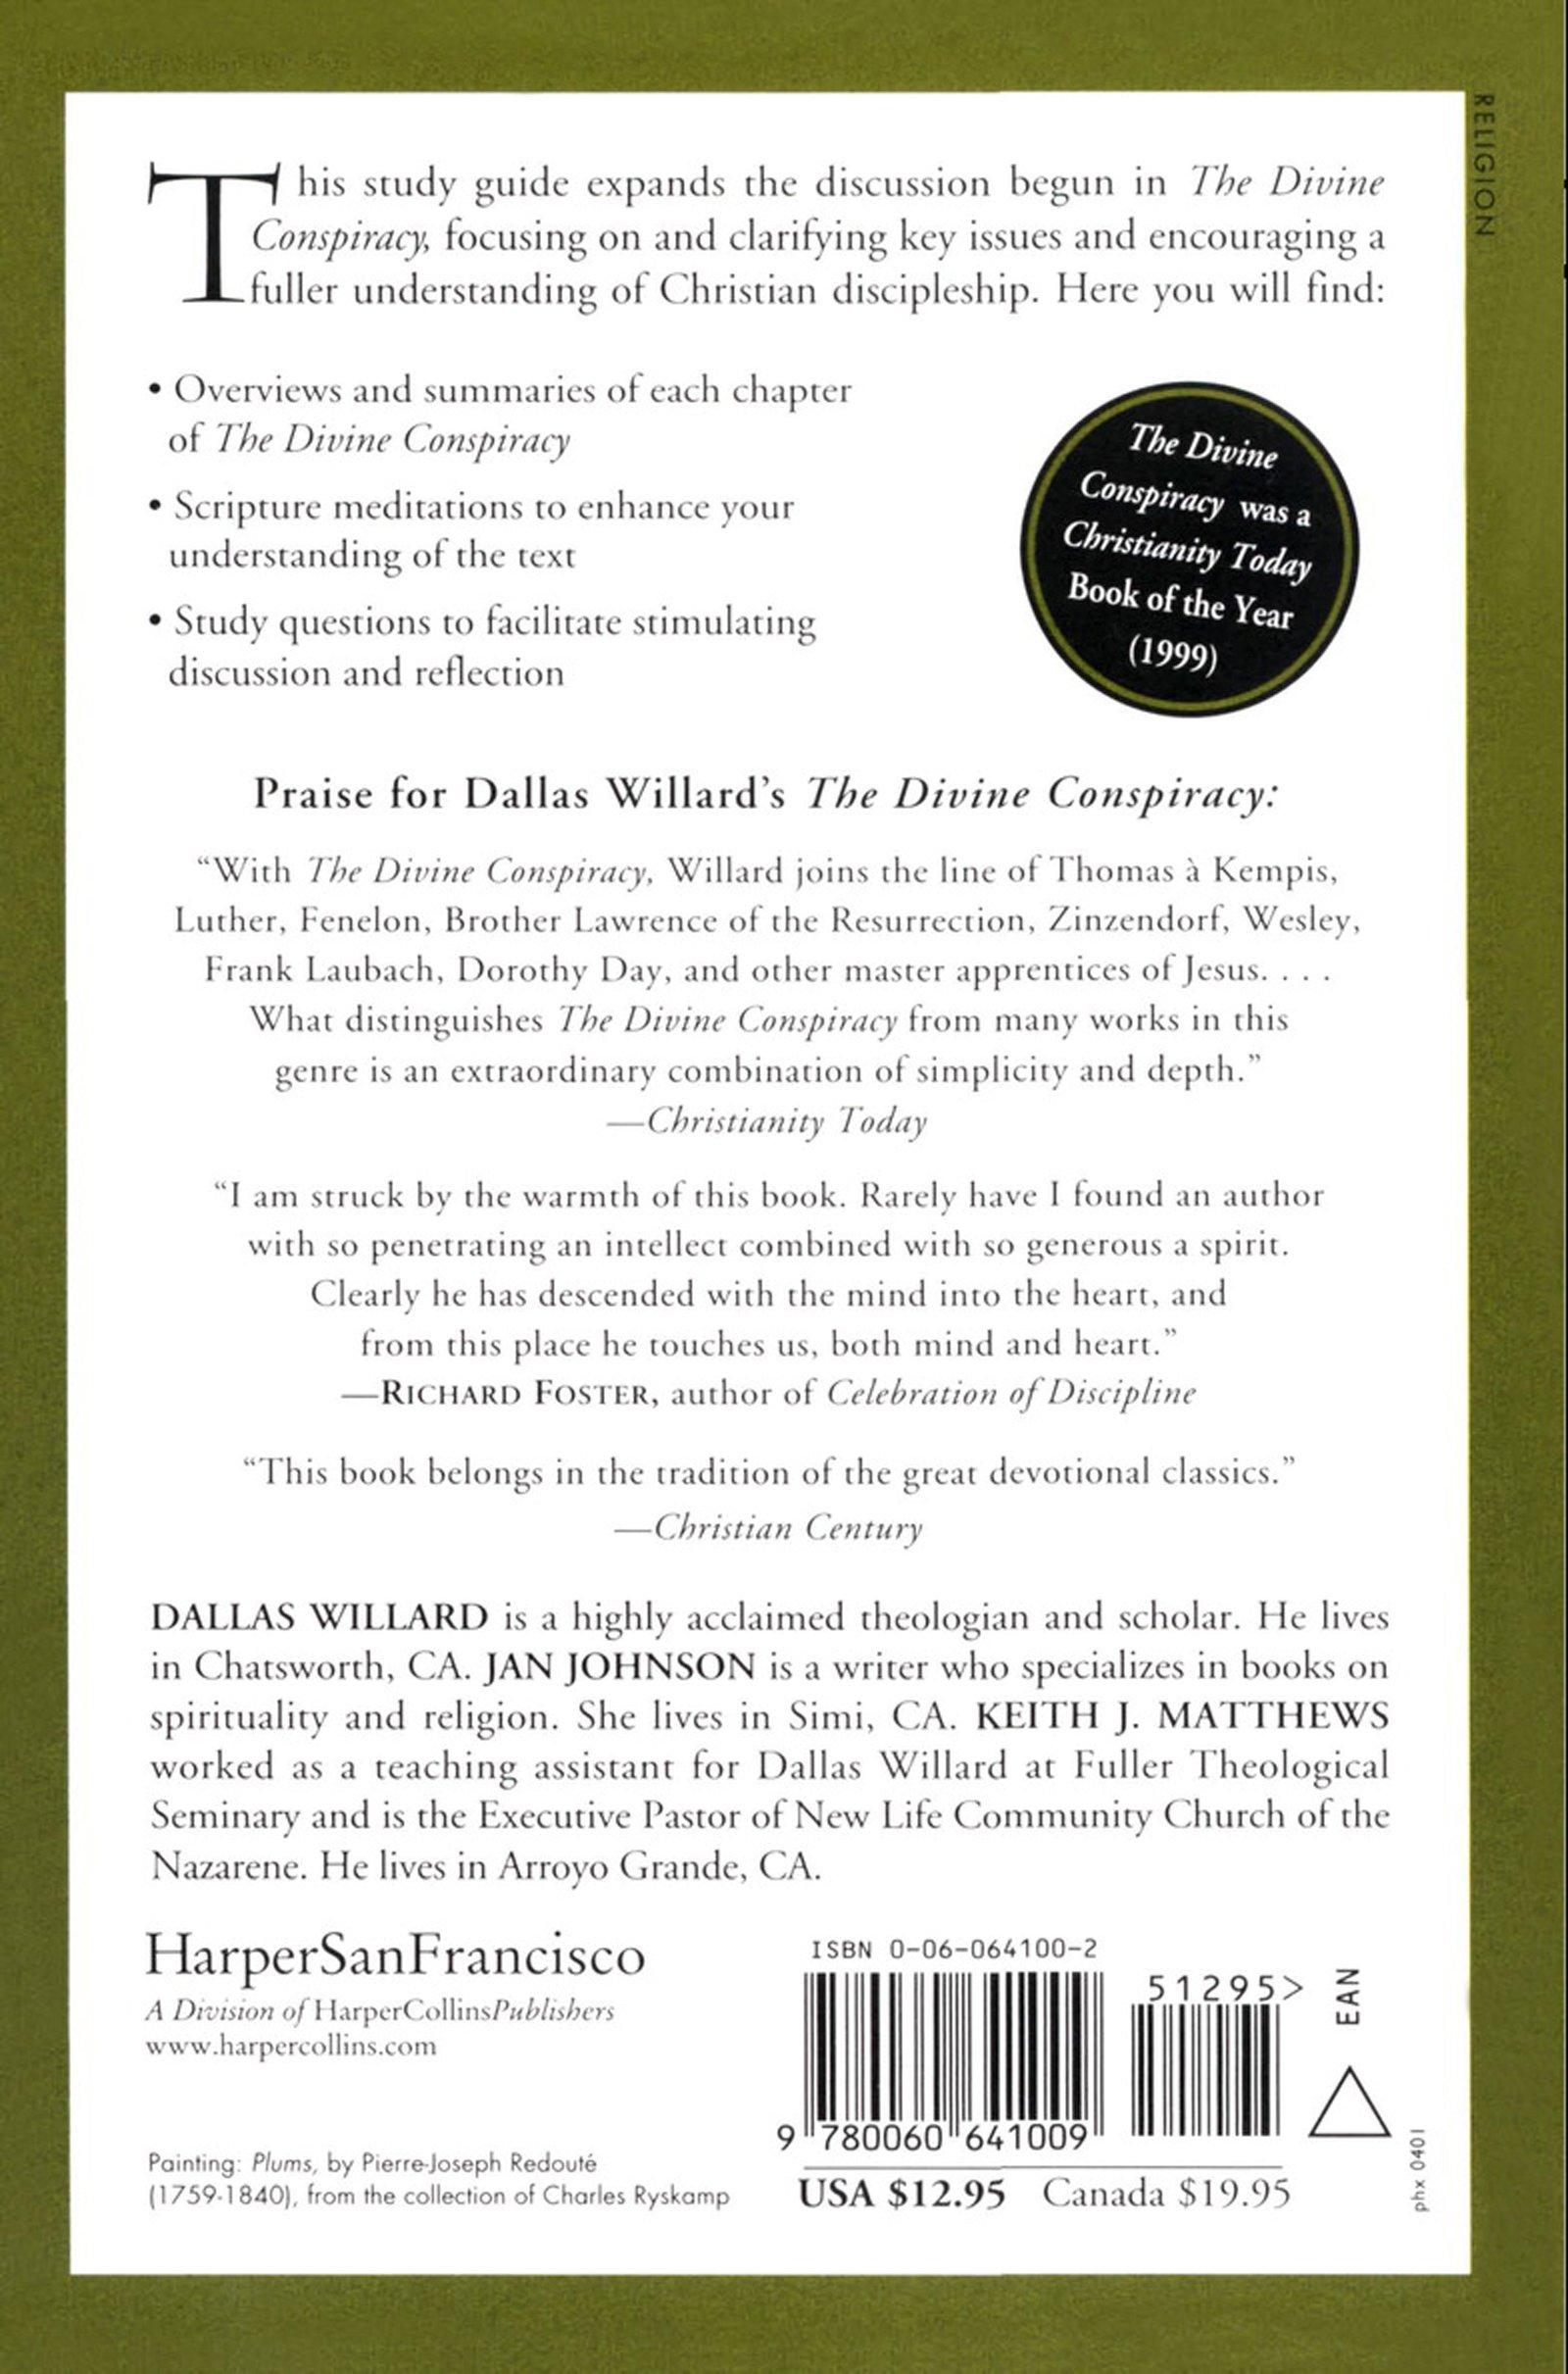 Dallas Willard's Study Guide to The Divine Conspiracy: Jan Johnson, Keith  Matthews, Dallas Willard: 9780060641009: Amazon.com: Books